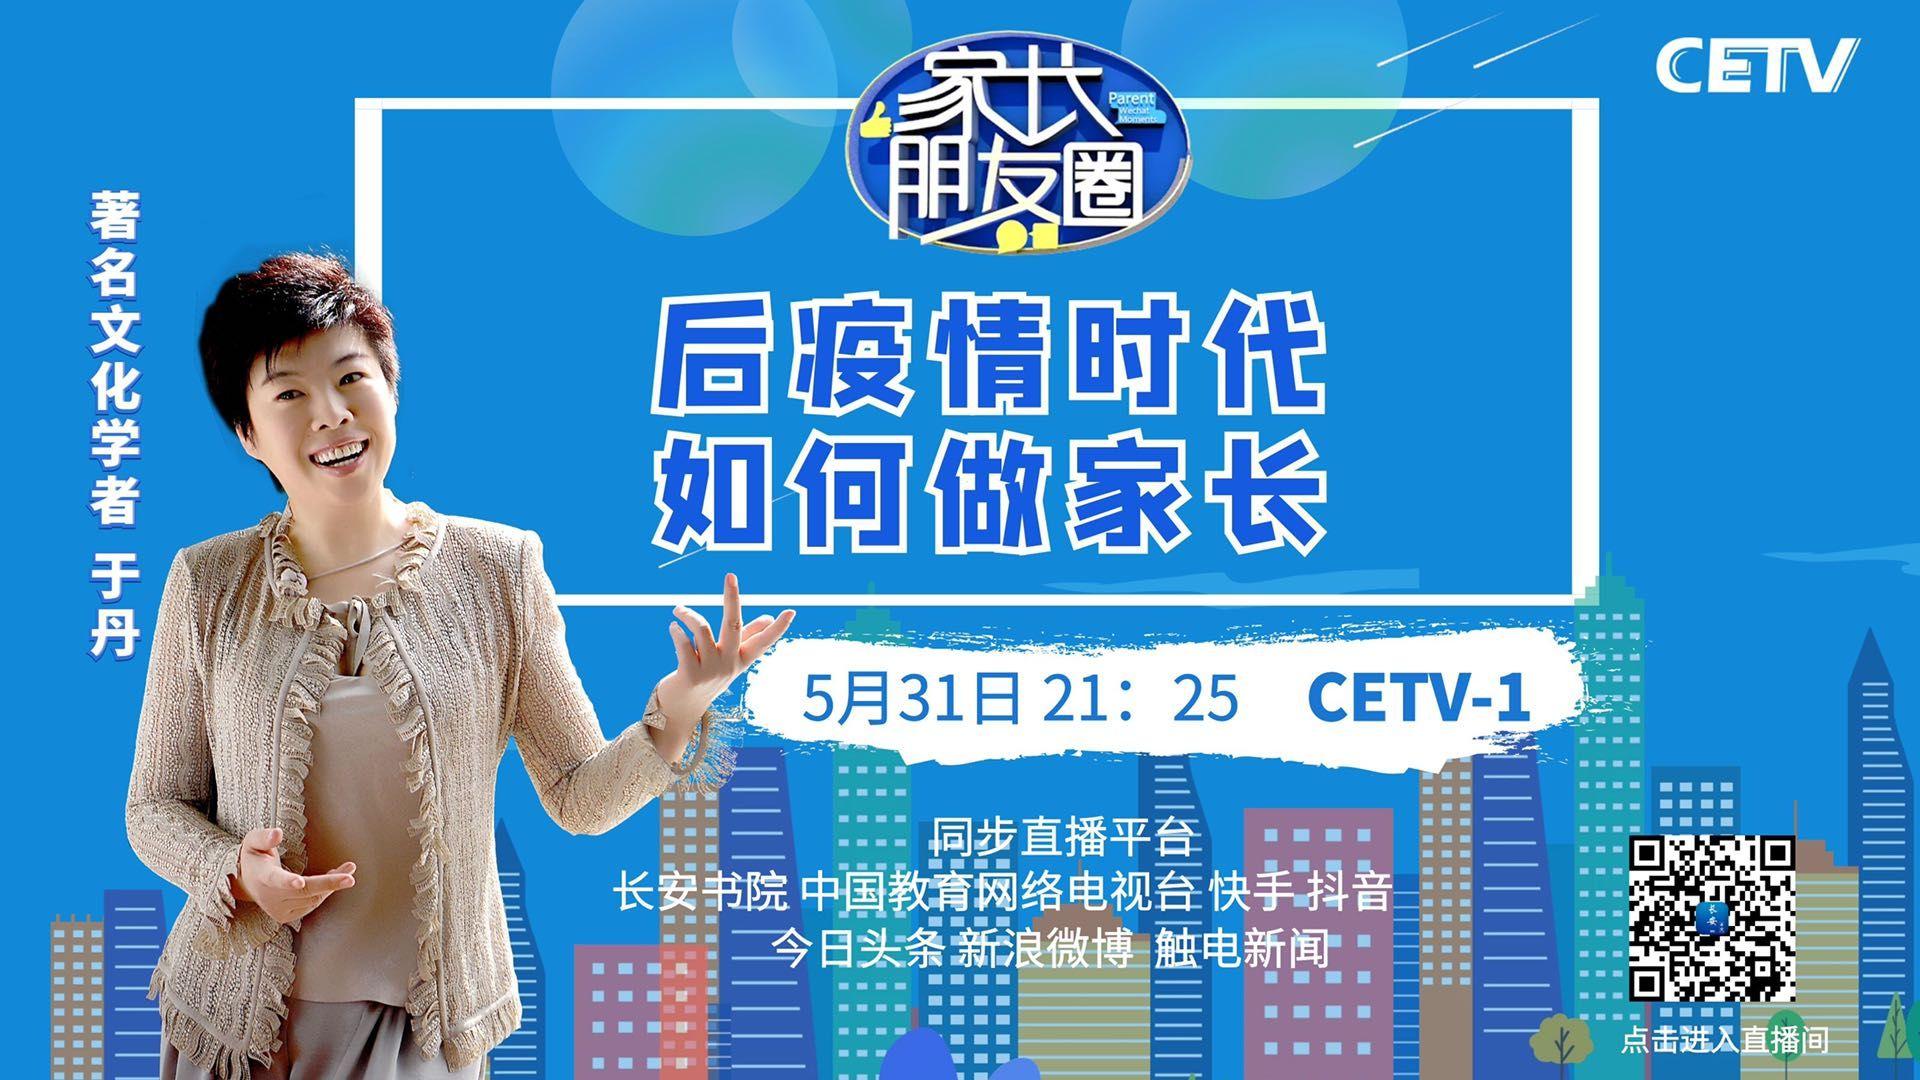 大型融媒体家庭教育季播节目《家长朋友圈》将于5月31日晚21:25开播啦!